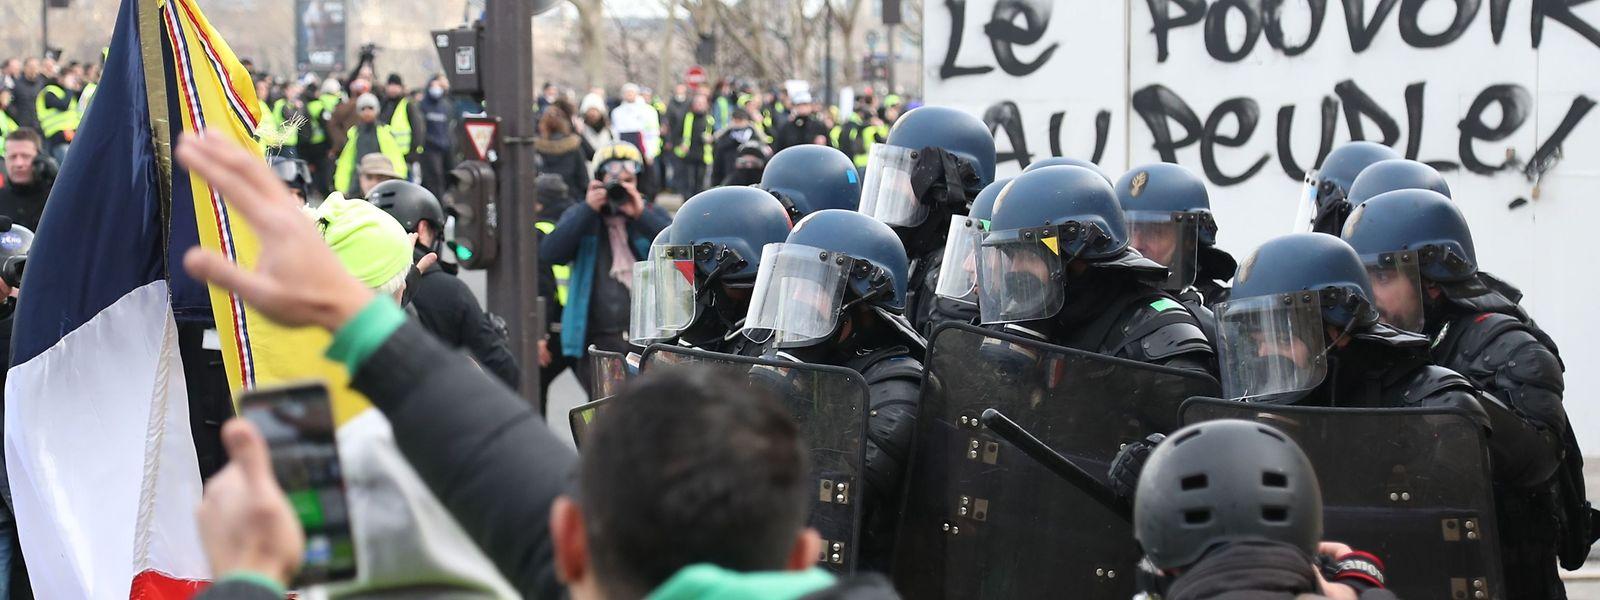 La manifestation du samedi 9 février à Paris a connu des moments de vives tensions